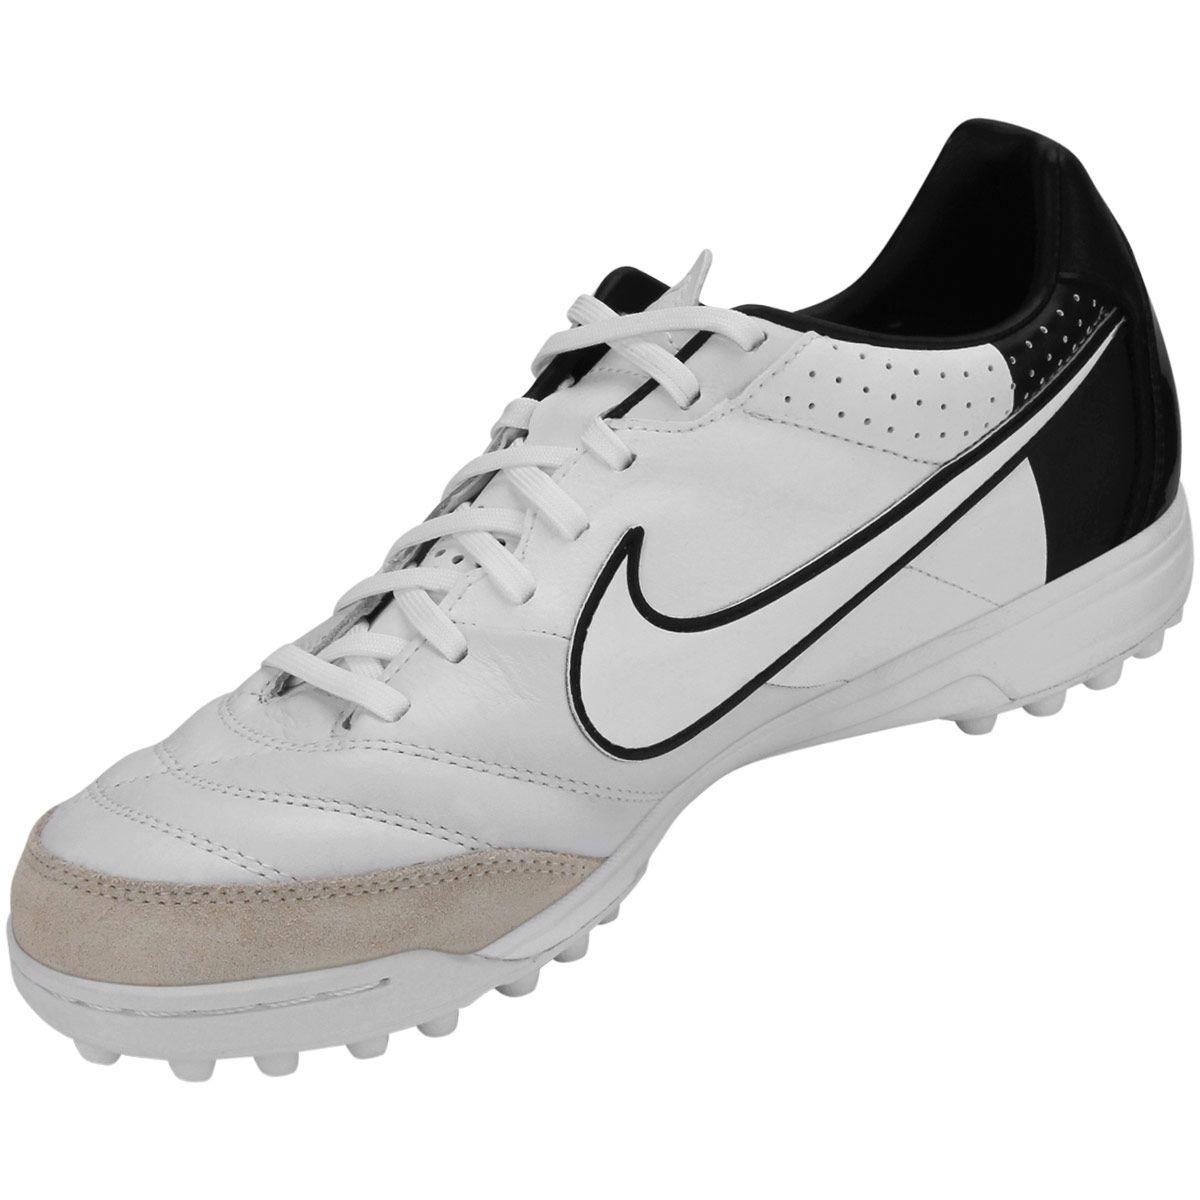 ca6433b48ecb0 Chuteira Nike Tiempo Mystic 4 TF - Edição Especial